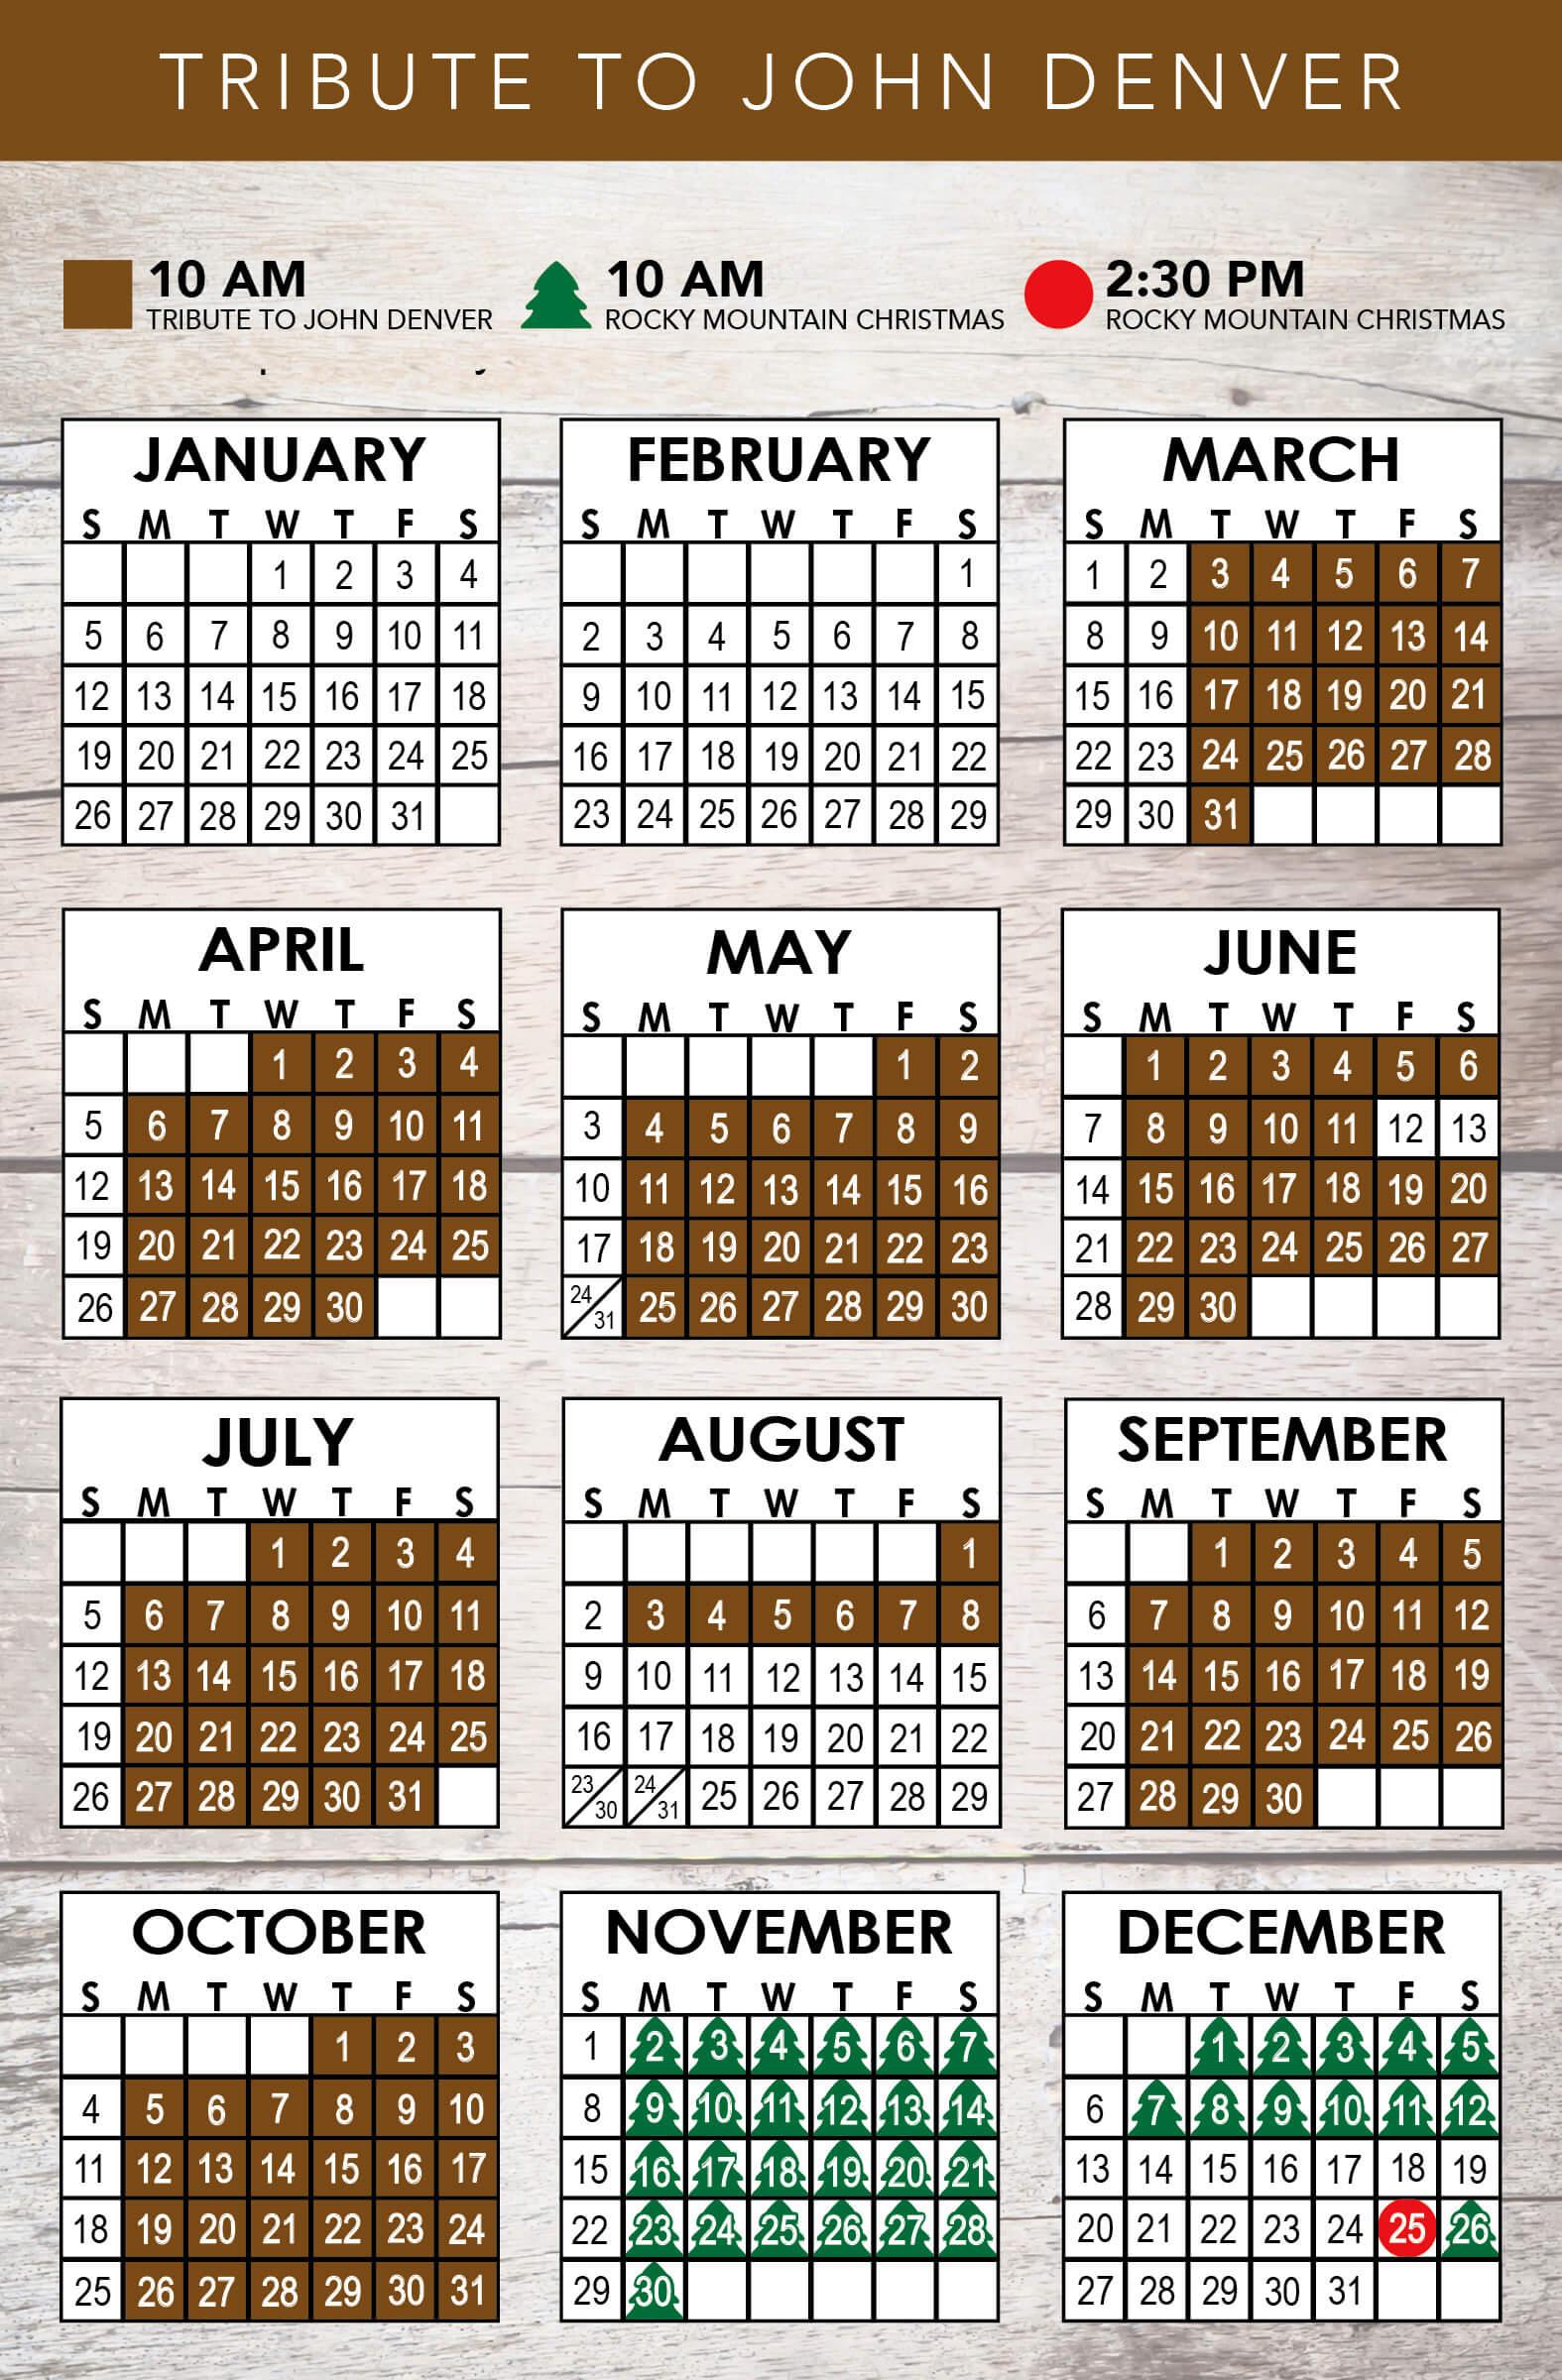 A Tribute to John Denver 2020 Schedule